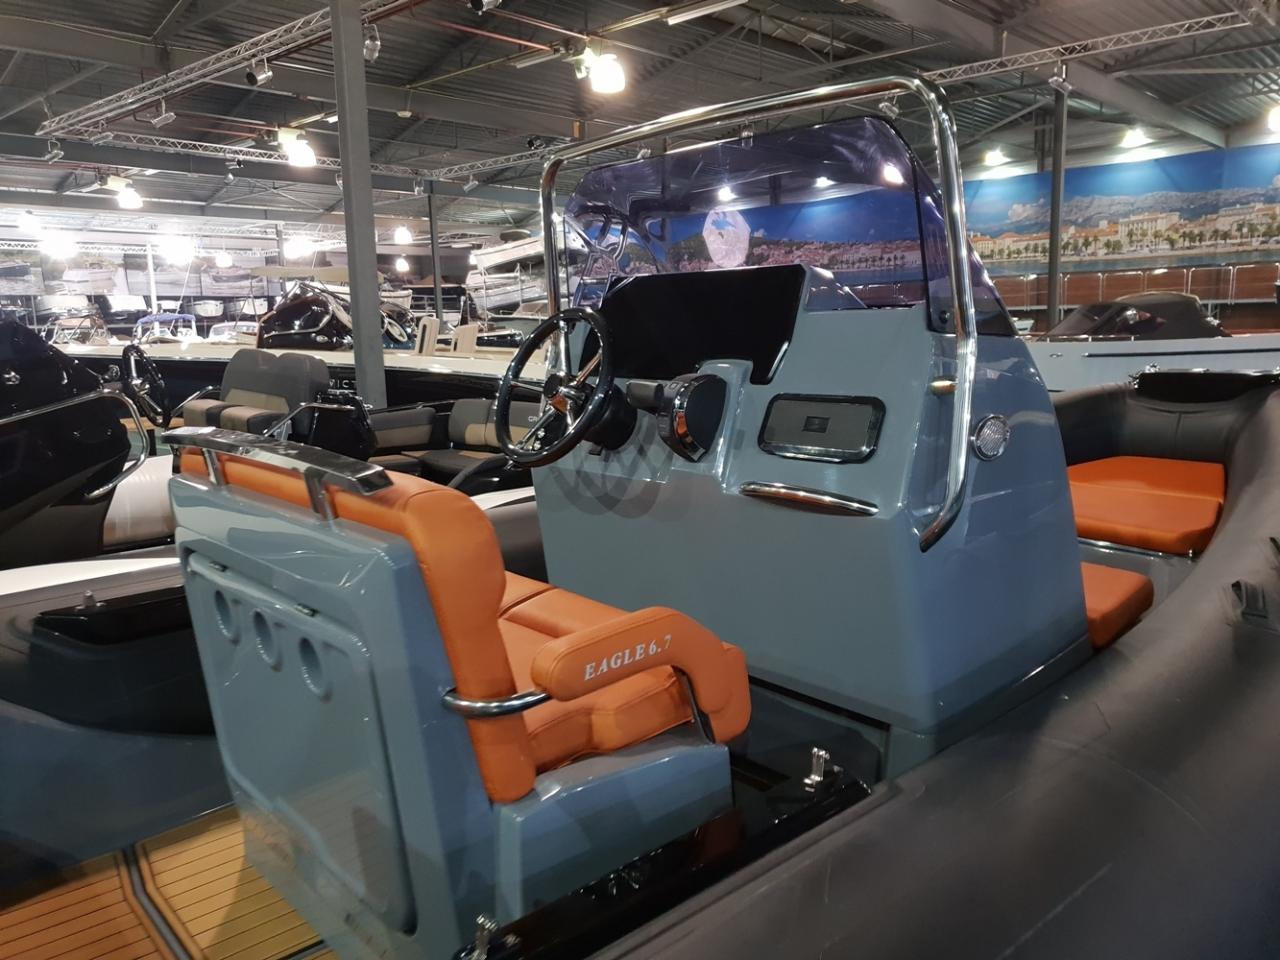 Brig Eagle 6.7 rib met Mercury 225 pk VAARKLAAR! 6